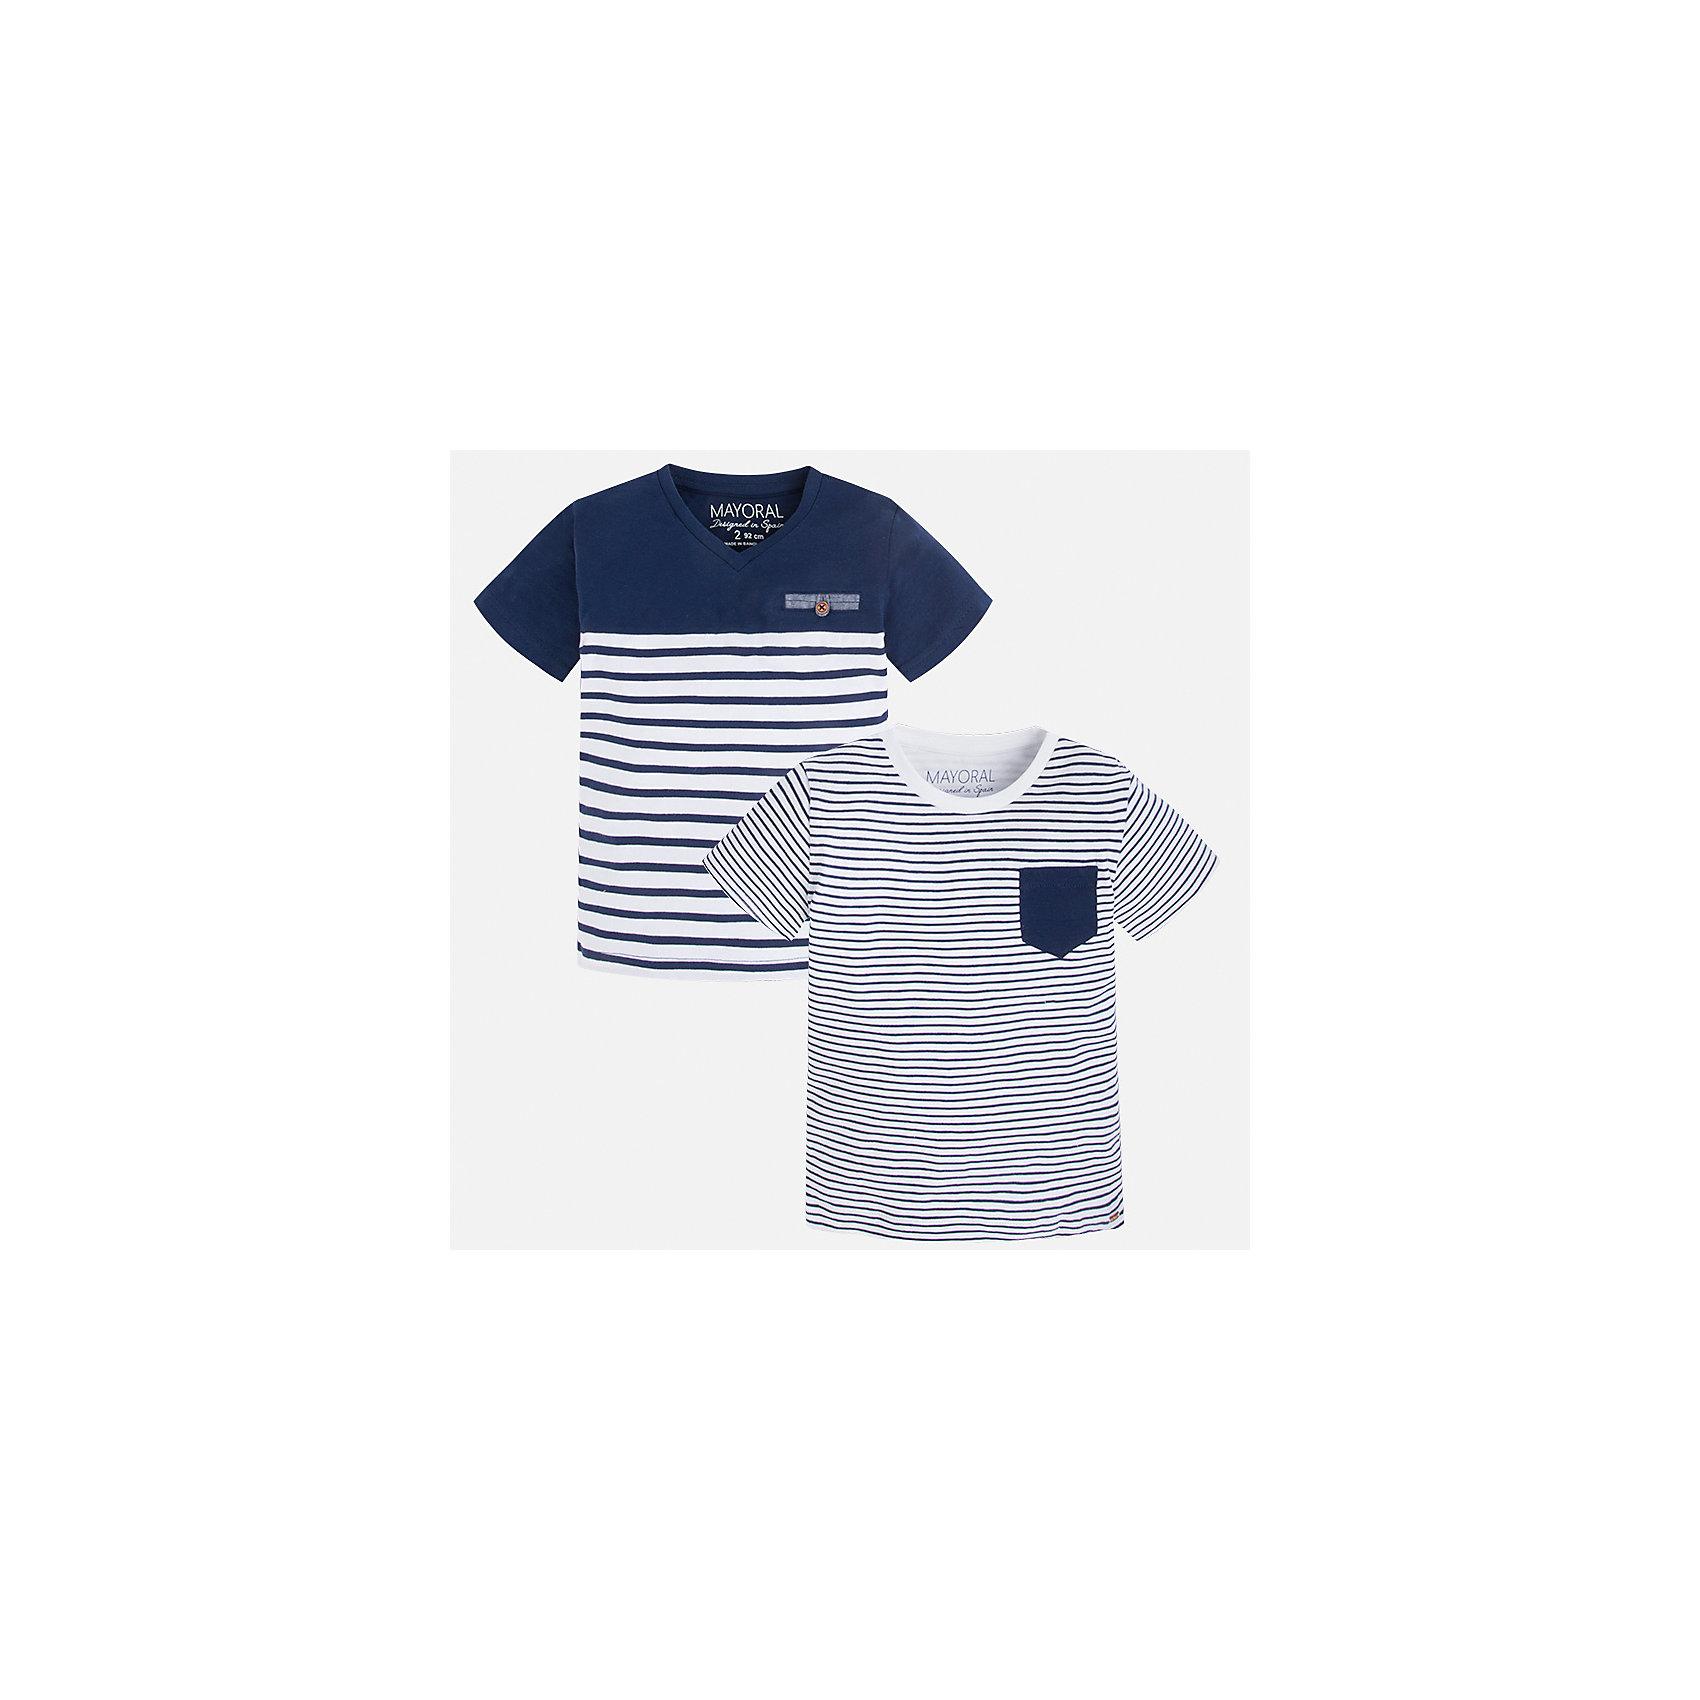 Футболка (2 шт.) для мальчика MayoralПолоска<br>Характеристики товара:<br><br>• цвет: белый/синий<br>• состав: 100% хлопок<br>• комплектация: 2 шт<br>• декорированы кармашком на груди<br>• короткие рукава<br>• отделка горловины<br>• страна бренда: Испания<br><br>Модная удобная футболка с принтом поможет разнообразить гардероб мальчика. Она отлично сочетается с брюками, шортами, джинсами. Универсальный крой и цвет позволяет подобрать к вещи низ разных расцветок. Практичное и стильное изделие! Хорошо смотрится и комфортно сидит на детях. В составе материала - только натуральный хлопок, гипоаллергенный, приятный на ощупь, дышащий. <br><br>Одежда, обувь и аксессуары от испанского бренда Mayoral полюбились детям и взрослым по всему миру. Модели этой марки - стильные и удобные. Для их производства используются только безопасные, качественные материалы и фурнитура. Порадуйте ребенка модными и красивыми вещами от Mayoral! <br><br>Футболку (2 шт.) для мальчика от испанского бренда Mayoral (Майорал) можно купить в нашем интернет-магазине.<br><br>Ширина мм: 199<br>Глубина мм: 10<br>Высота мм: 161<br>Вес г: 151<br>Цвет: синий<br>Возраст от месяцев: 18<br>Возраст до месяцев: 24<br>Пол: Мужской<br>Возраст: Детский<br>Размер: 98,116,122,104,92,110,128,134<br>SKU: 5279935